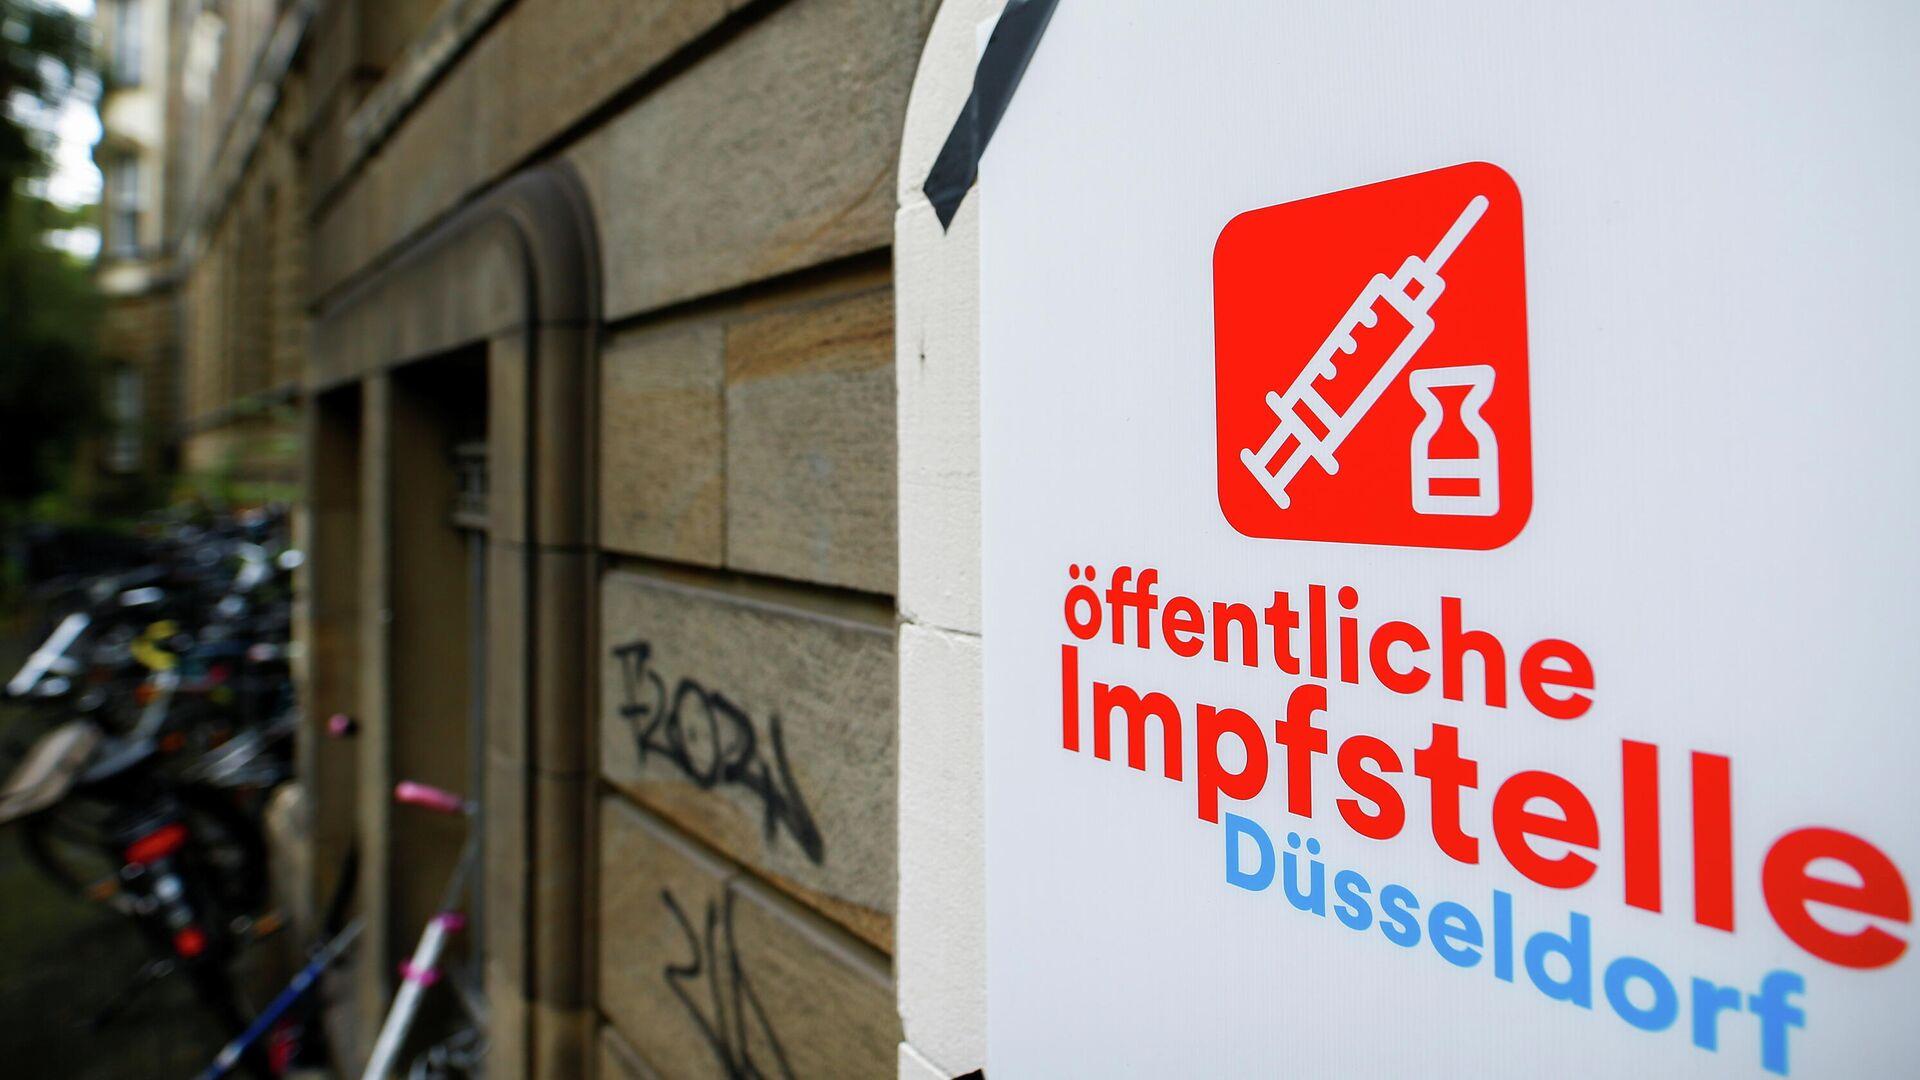 Impfstelle in Düsseldorf - SNA, 1920, 03.09.2021